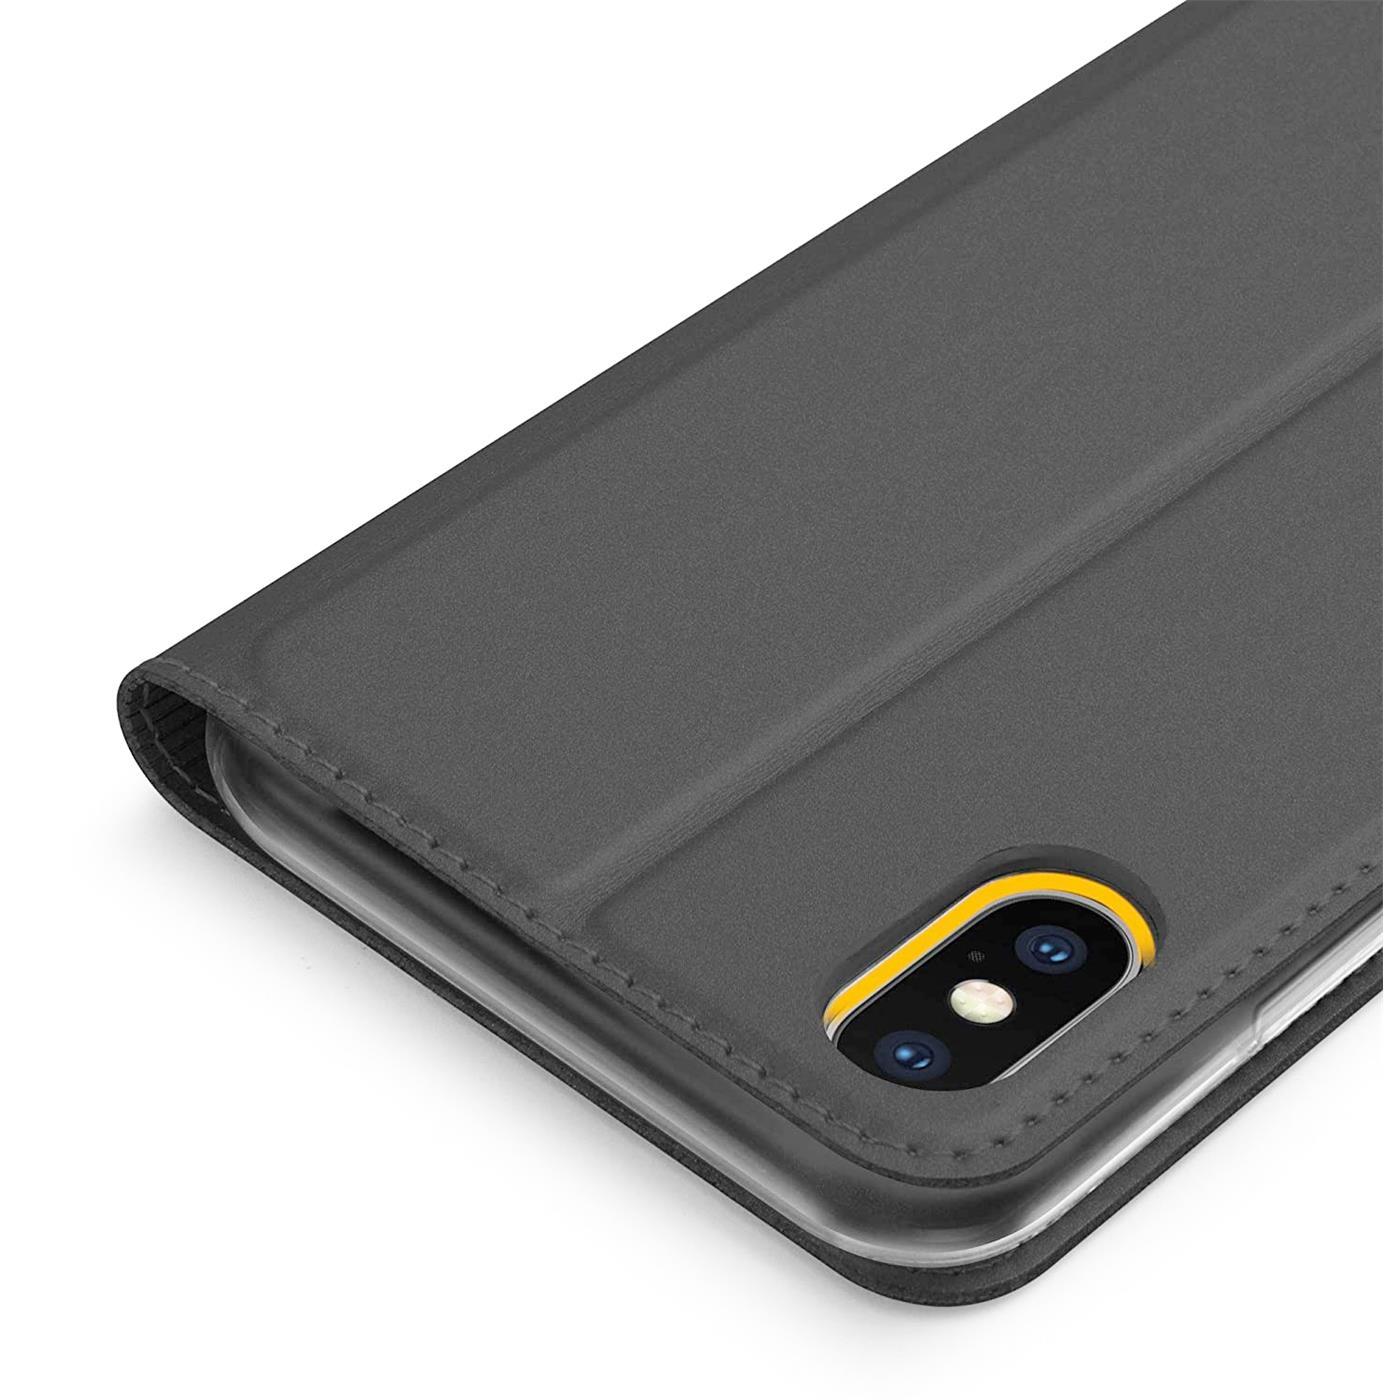 Handyhuelle-Klapp-Tasche-Etui-Schutz-Huelle-Slim-Flip-Cover-Book-Bag-Case-Wallet Indexbild 13